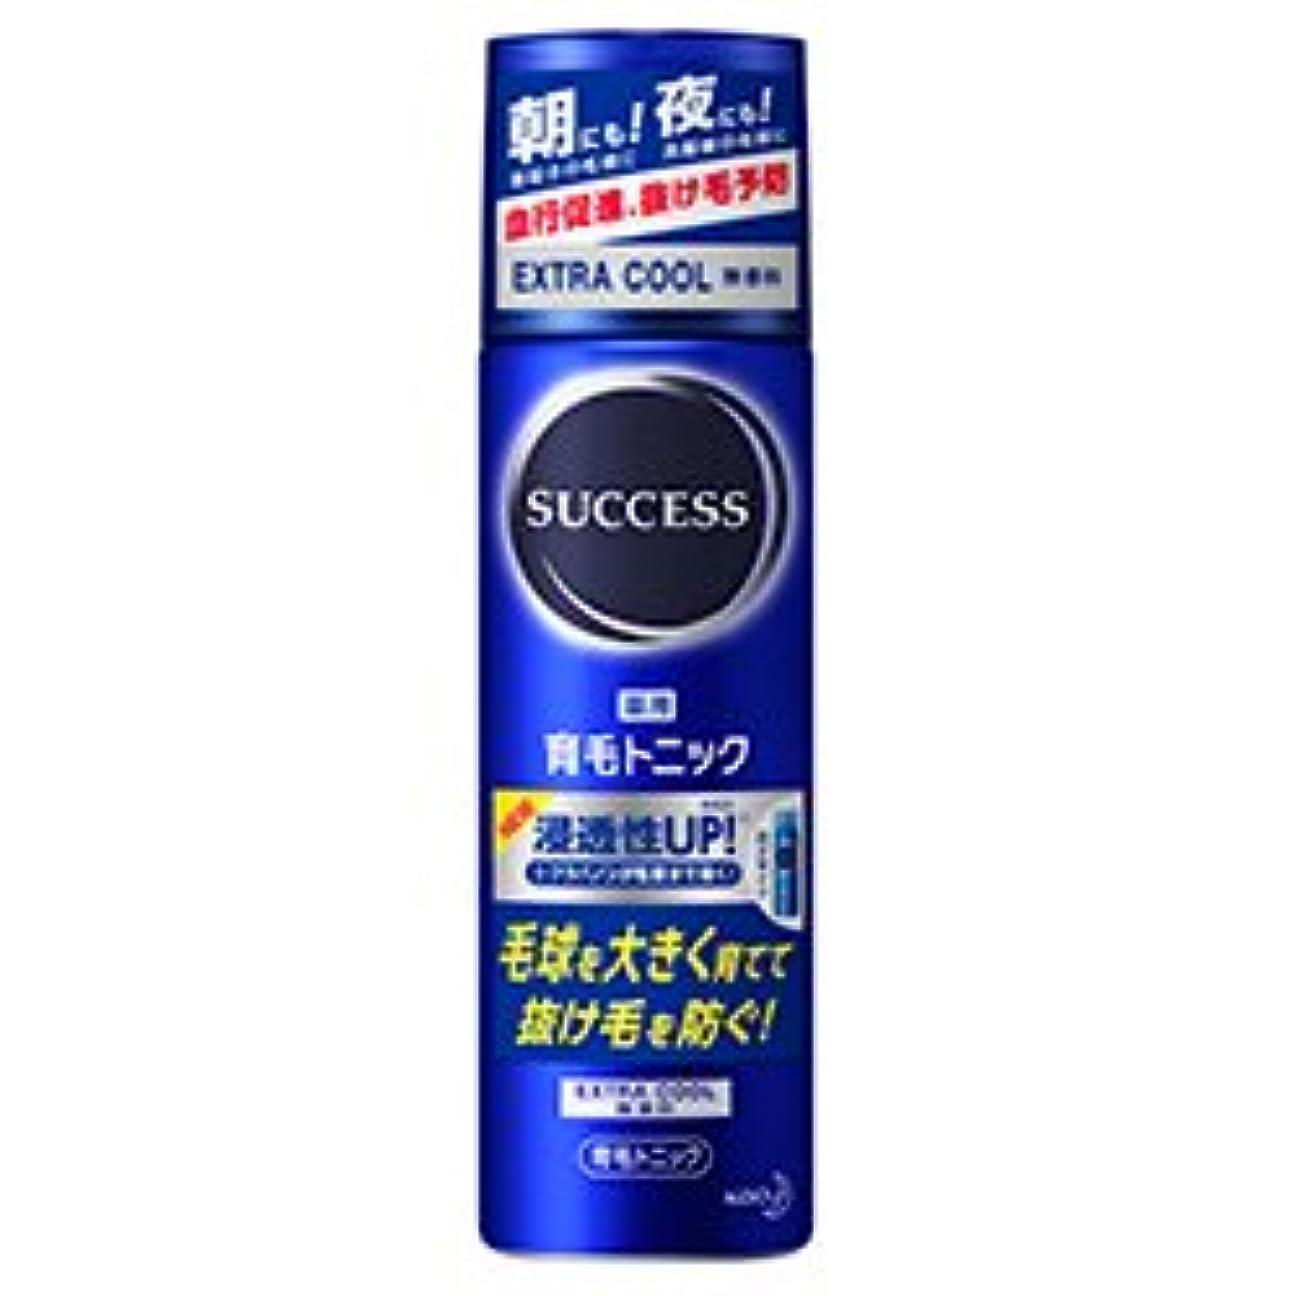 要求合図高める【花王】サクセス 薬用育毛トニック エクストラクール 無香料 180g ×5個セット